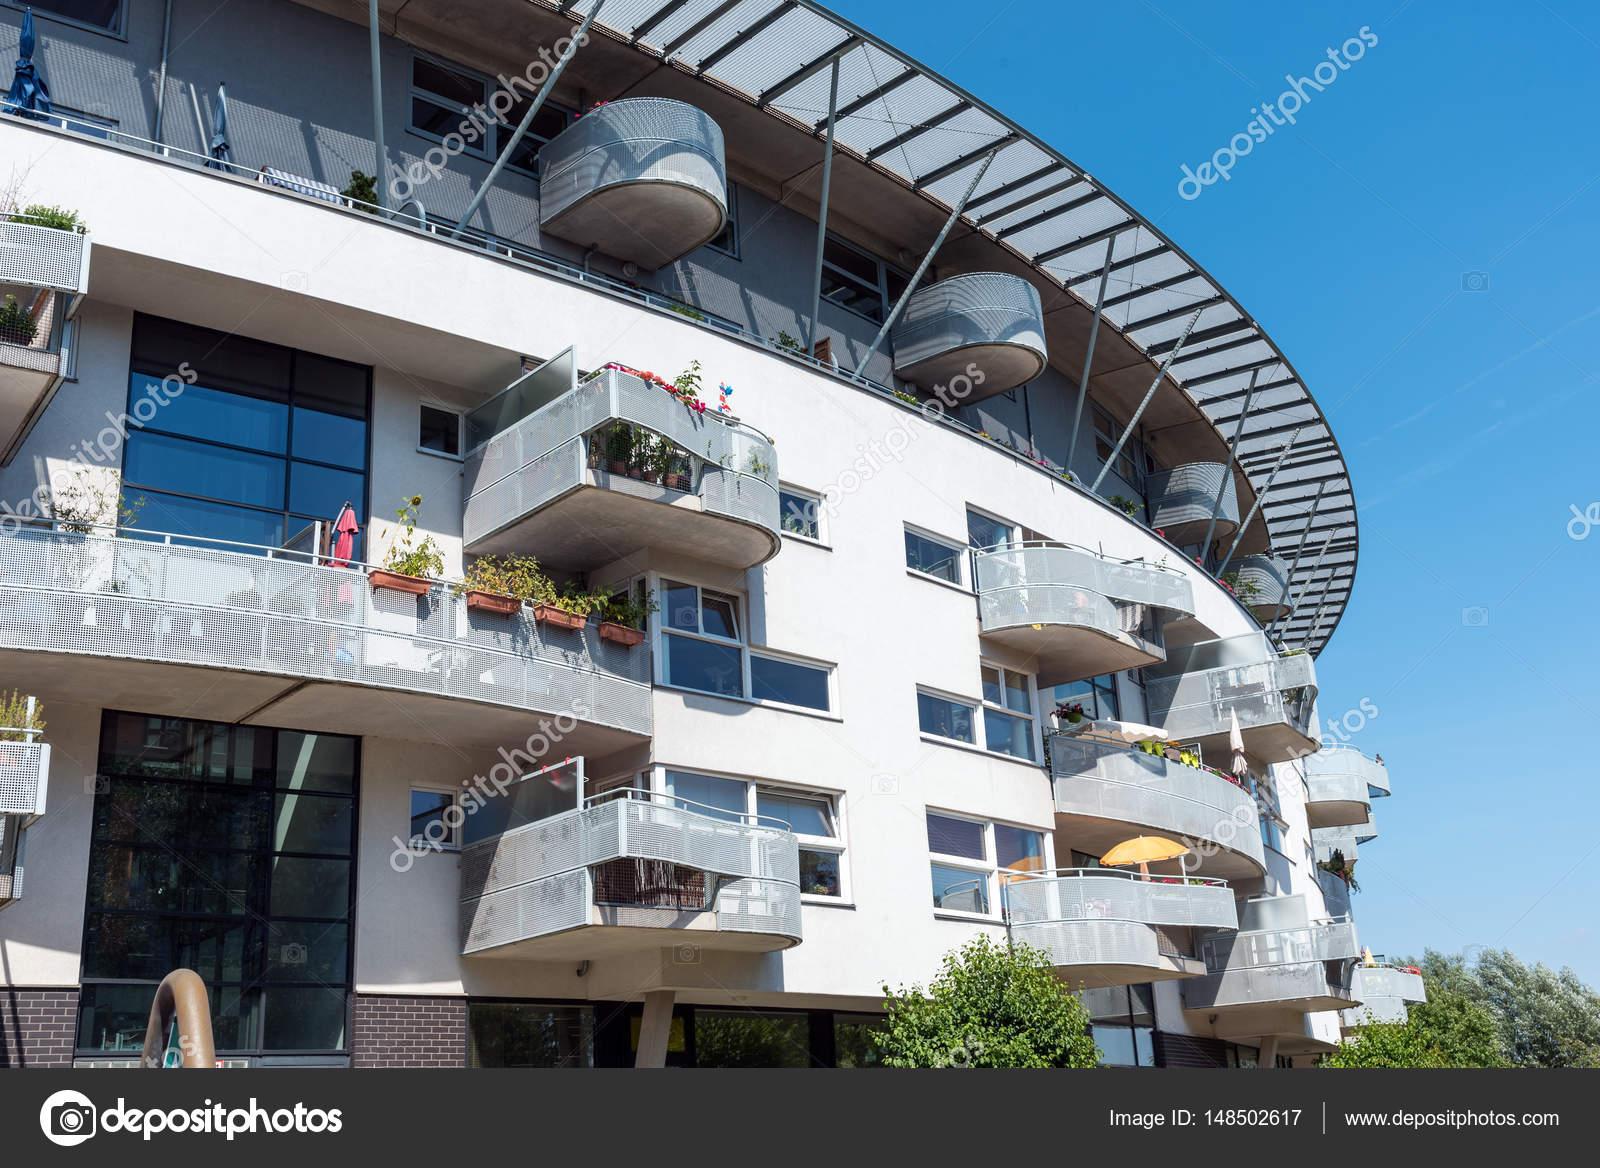 Merveilleux Maison Du0027appartement Moderne Blanc Vu à Berlin, Allemagne U2014 Image De  Elxeneize